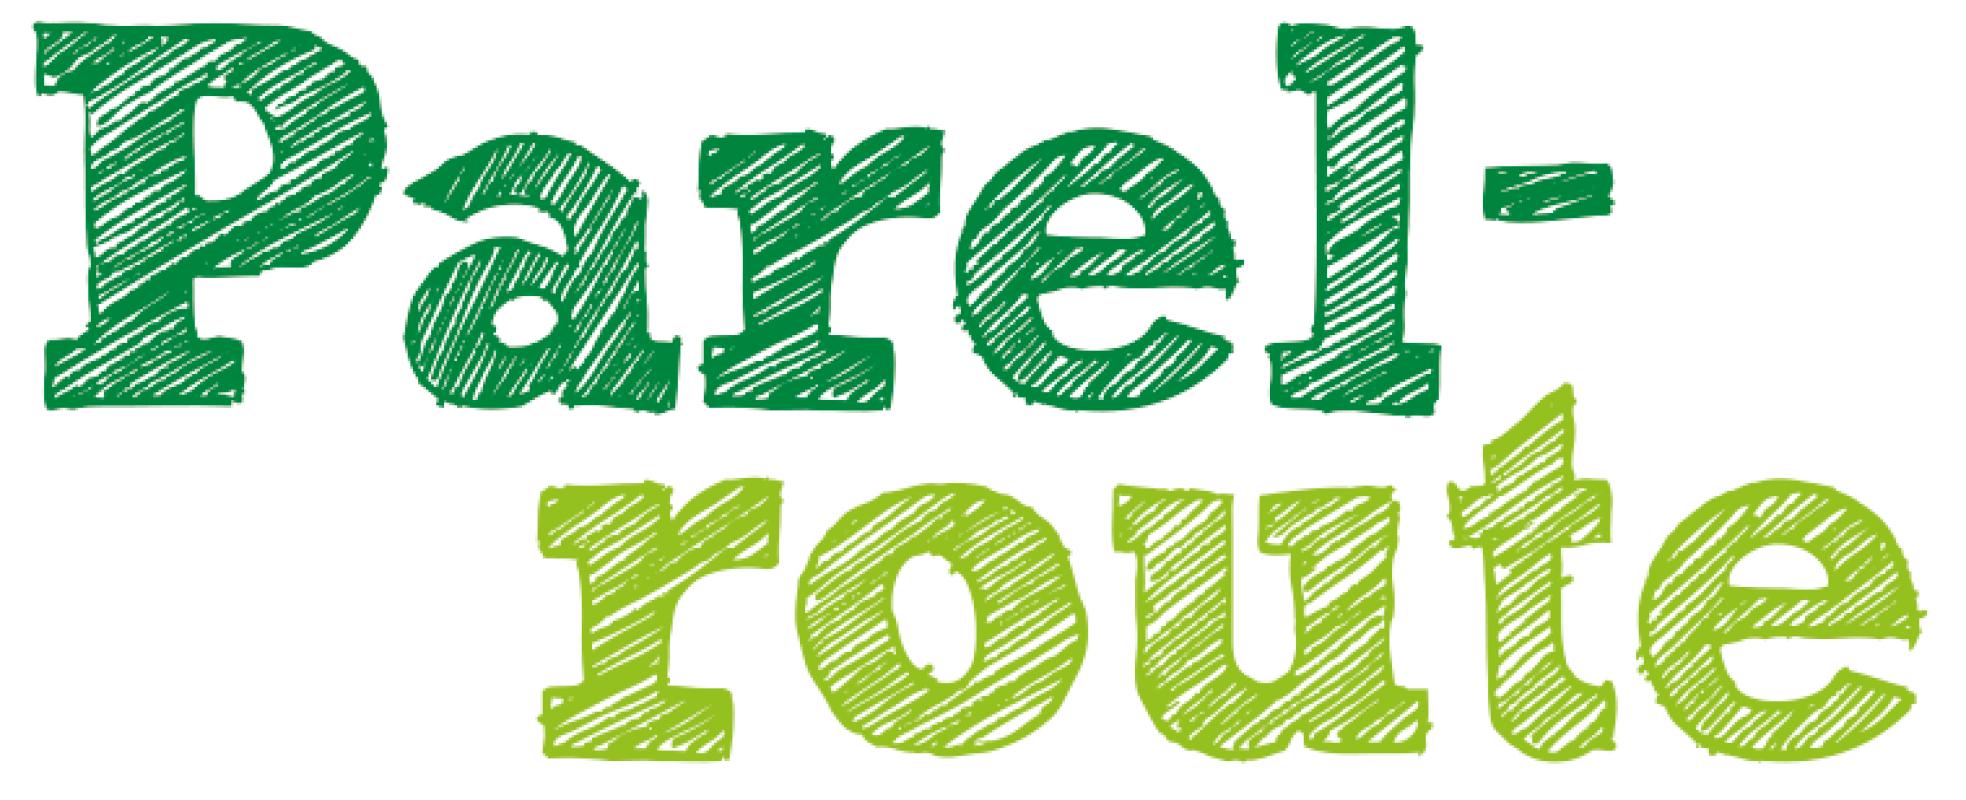 Logo Hemelvaart Parelroute Fietstocht Deventer/Wilp/Bussloo/Voorst/Twello 2021